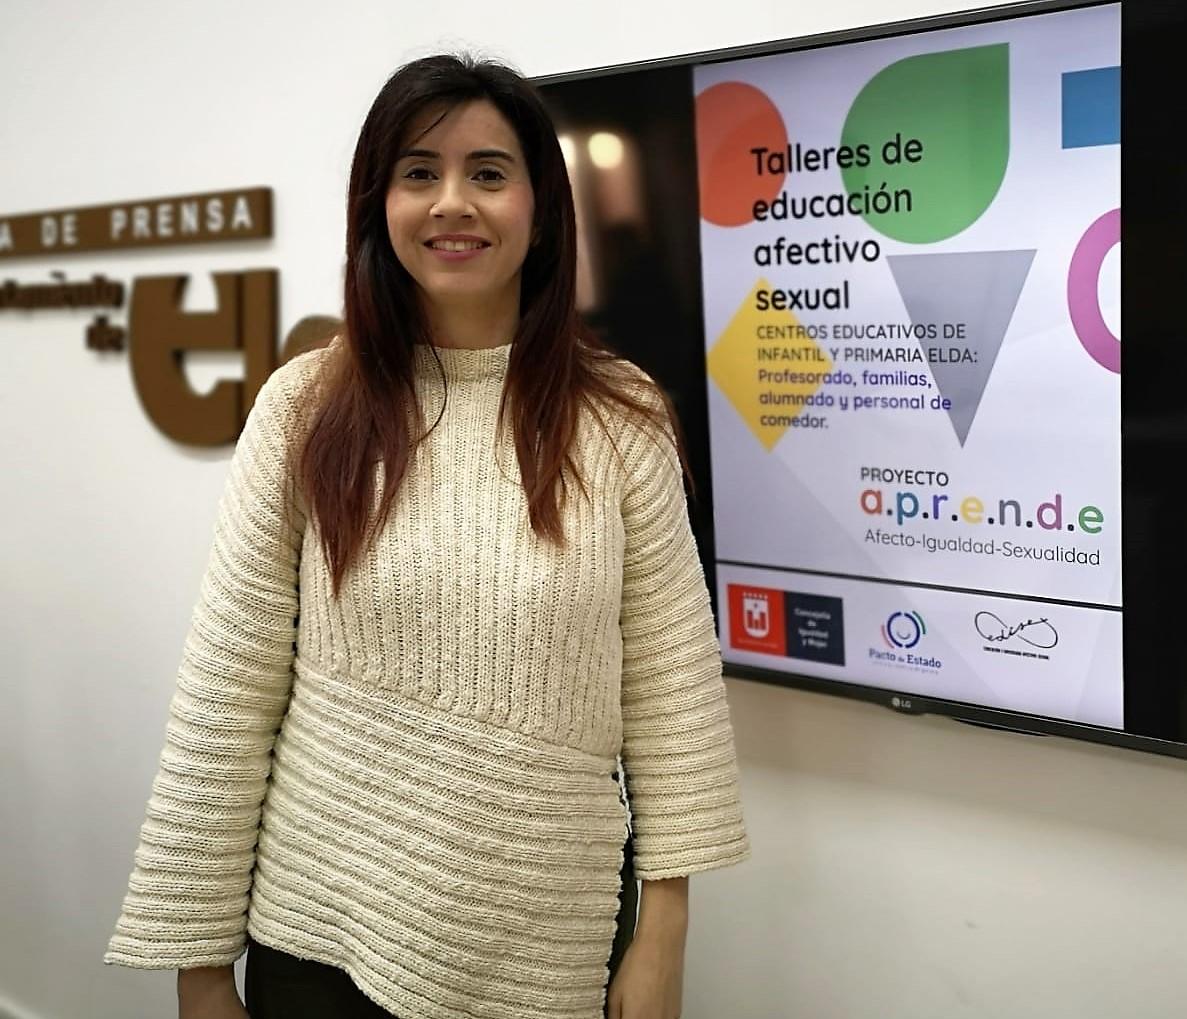 Más de 1.600 escolares y 221 docentes han participado de manera online y presencial en los talleres de educación afectivo sexual